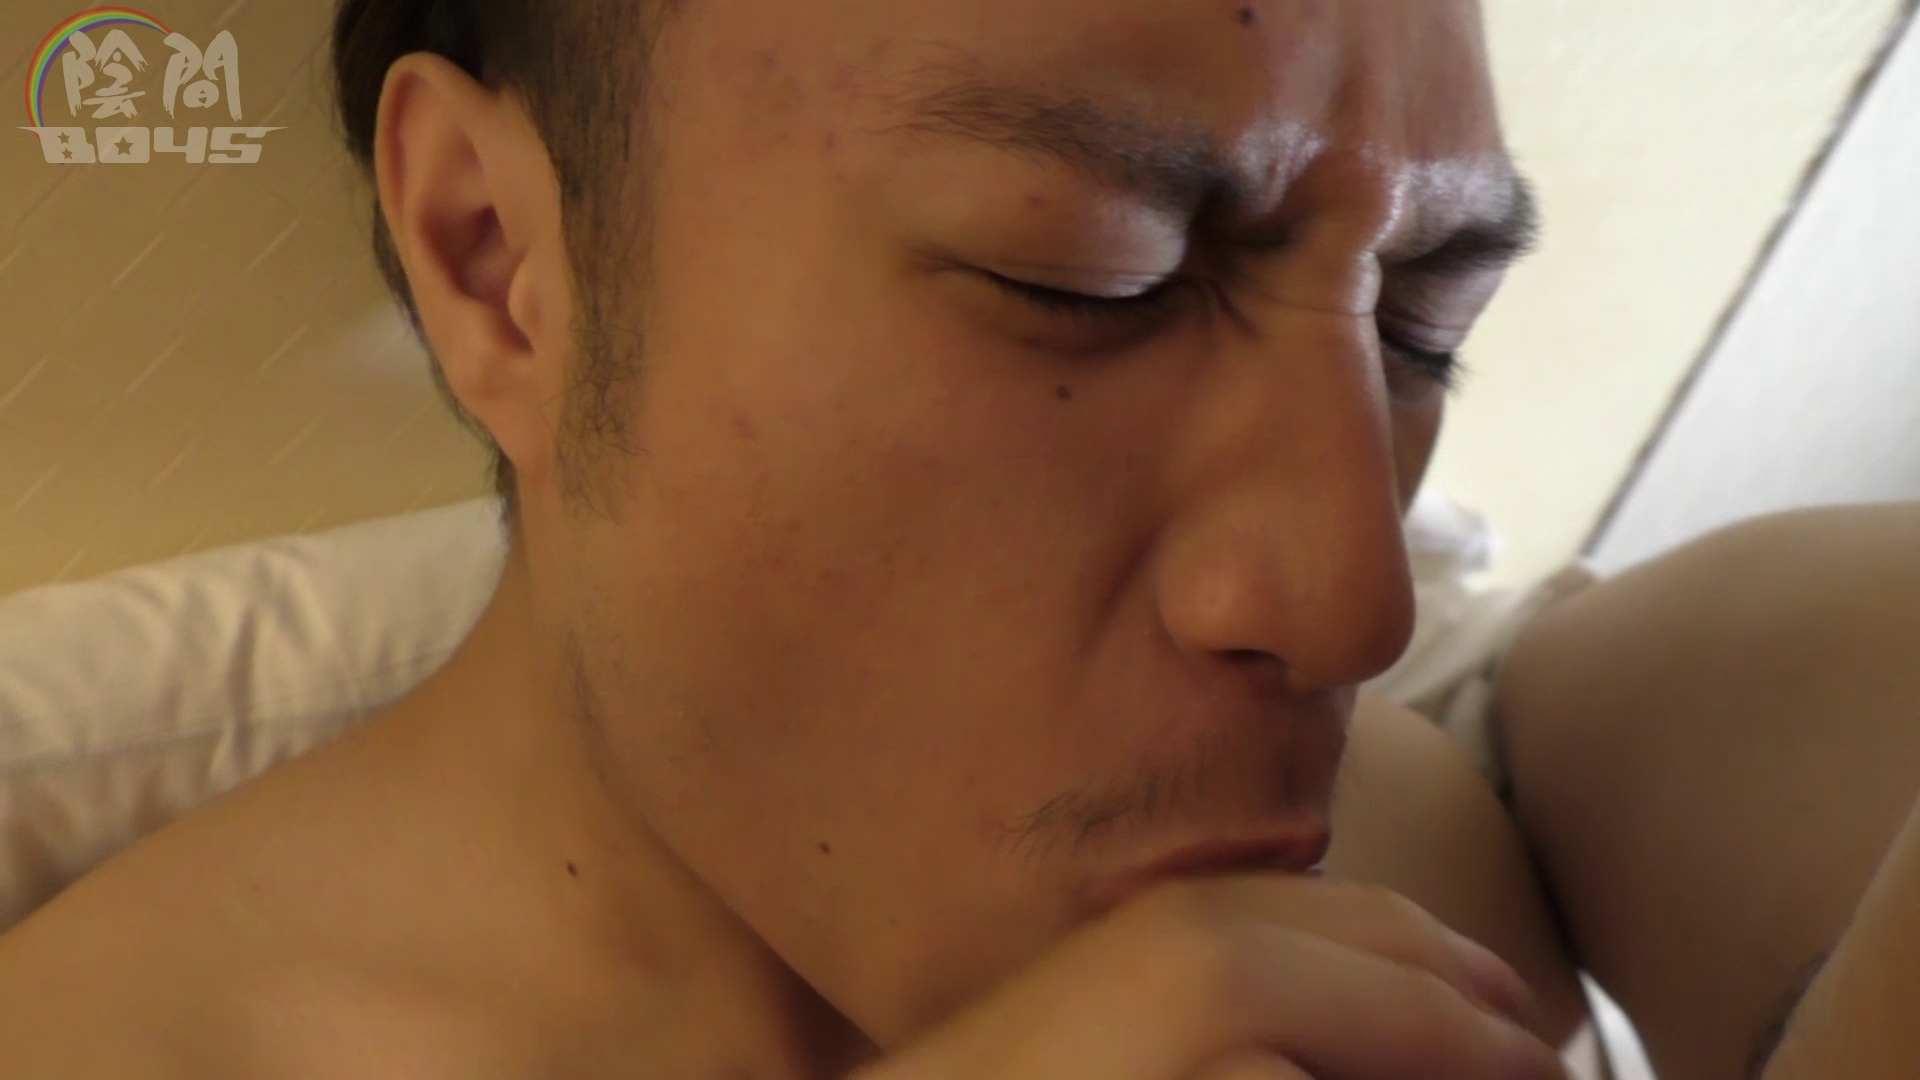 """ADのお仕事part4 No.03""""中出しだけは勘弁"""" 男  69pic 14"""